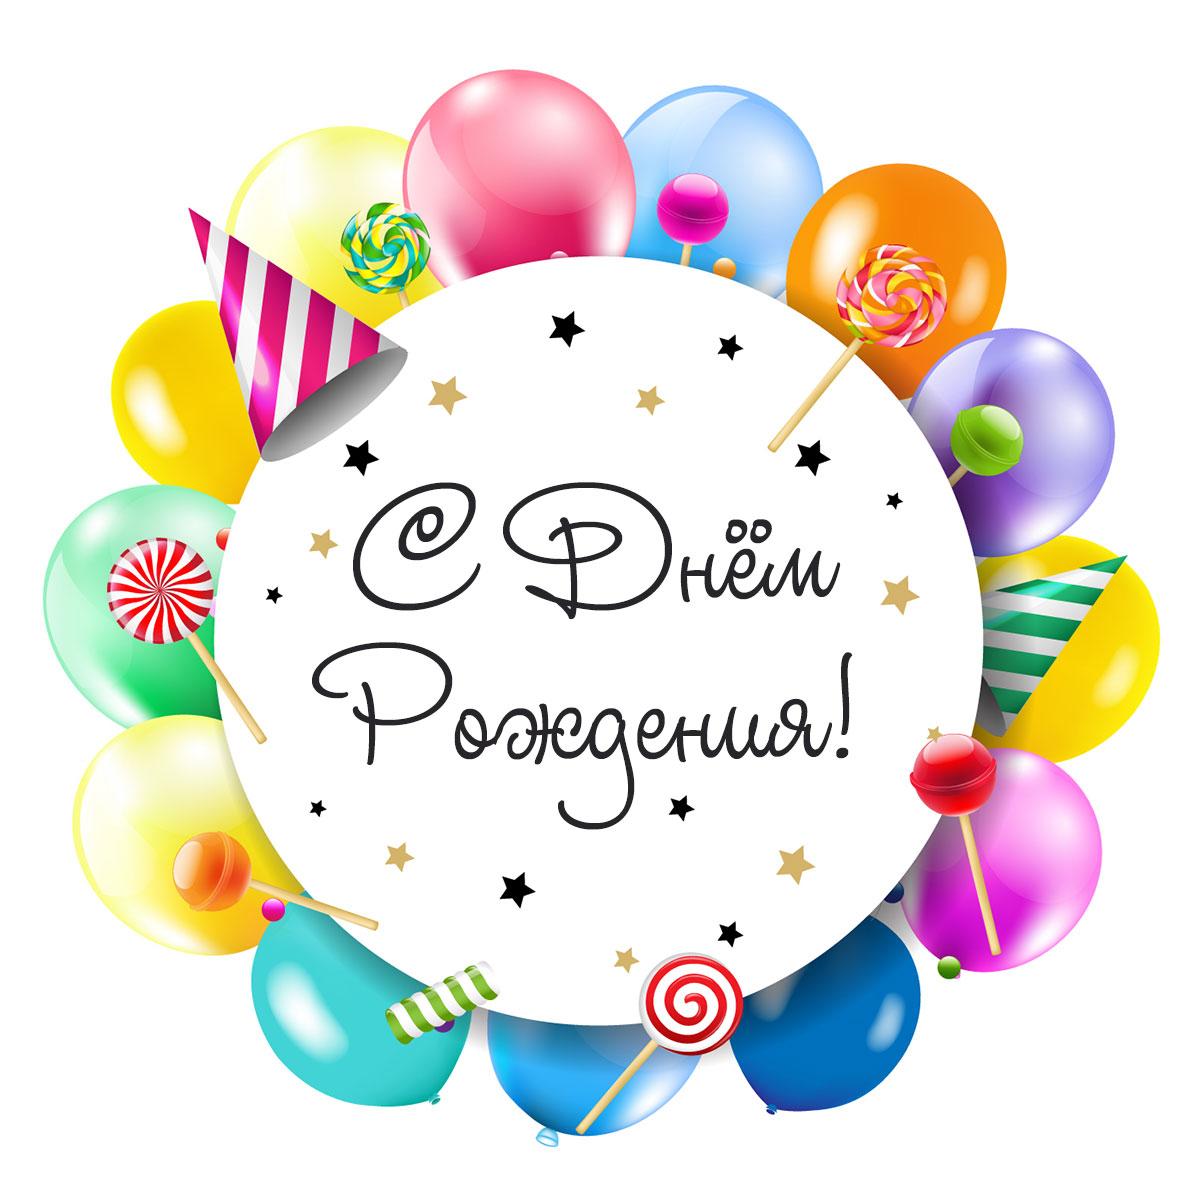 Картинка с текстом с днем рождения, воздушными шарами и конфетами.